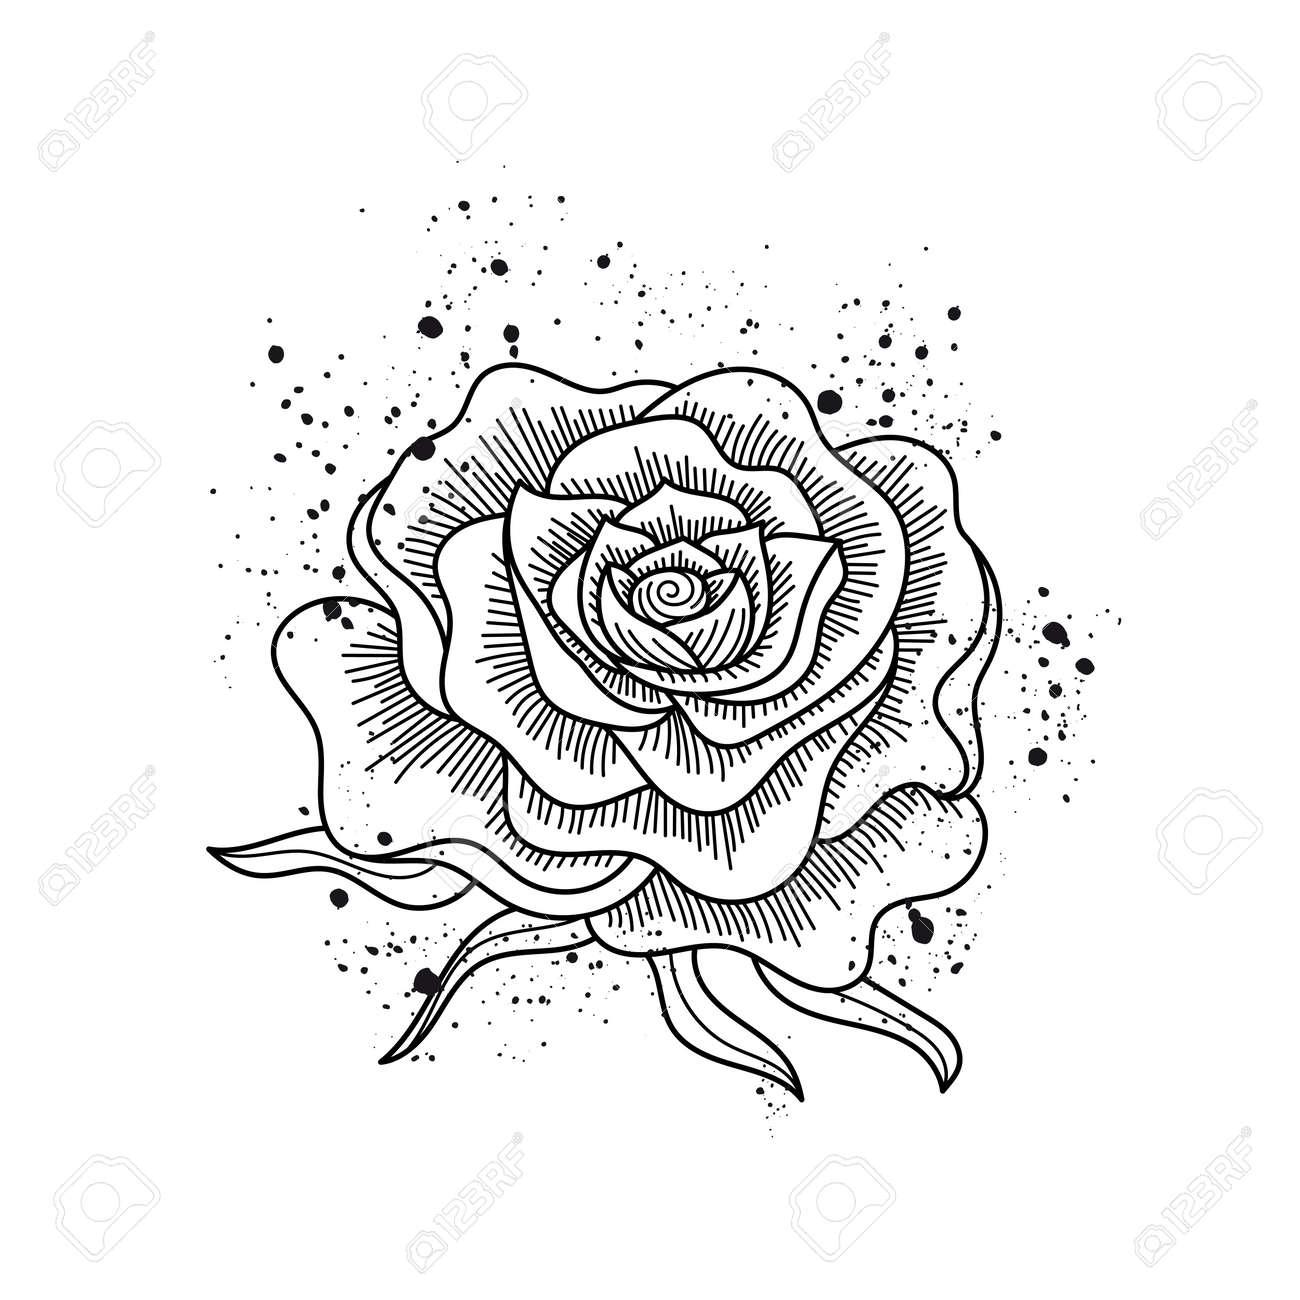 Noir Et Blanc Fleur Rose Isolé Peindre Les éclaboussures Line Art De Style De Tatouage Vector Illustration Peut être Utilisé Pour La Conception